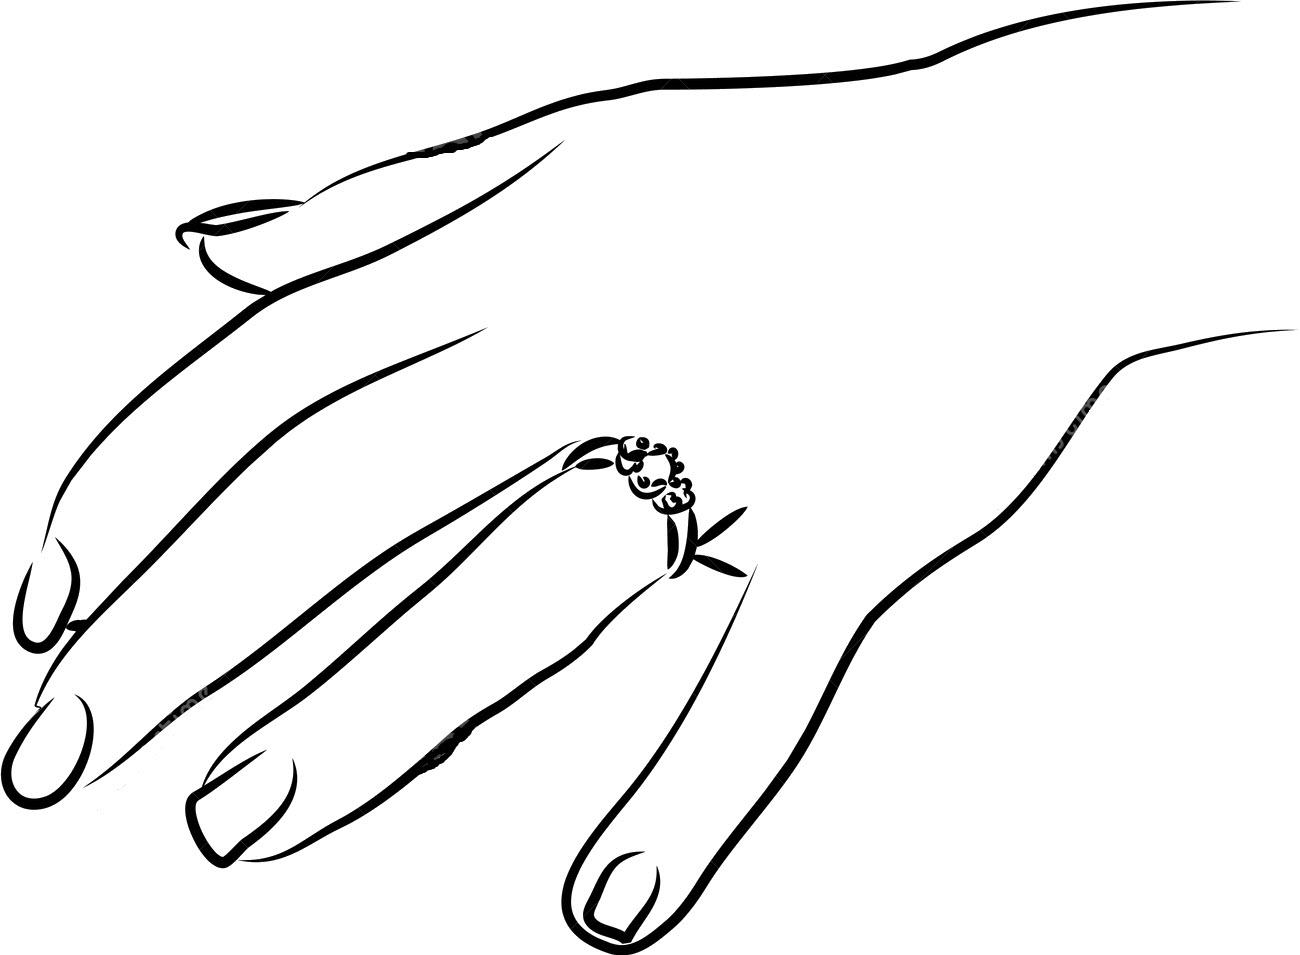 Tranh tô màu bàn tay đeo nhẫn